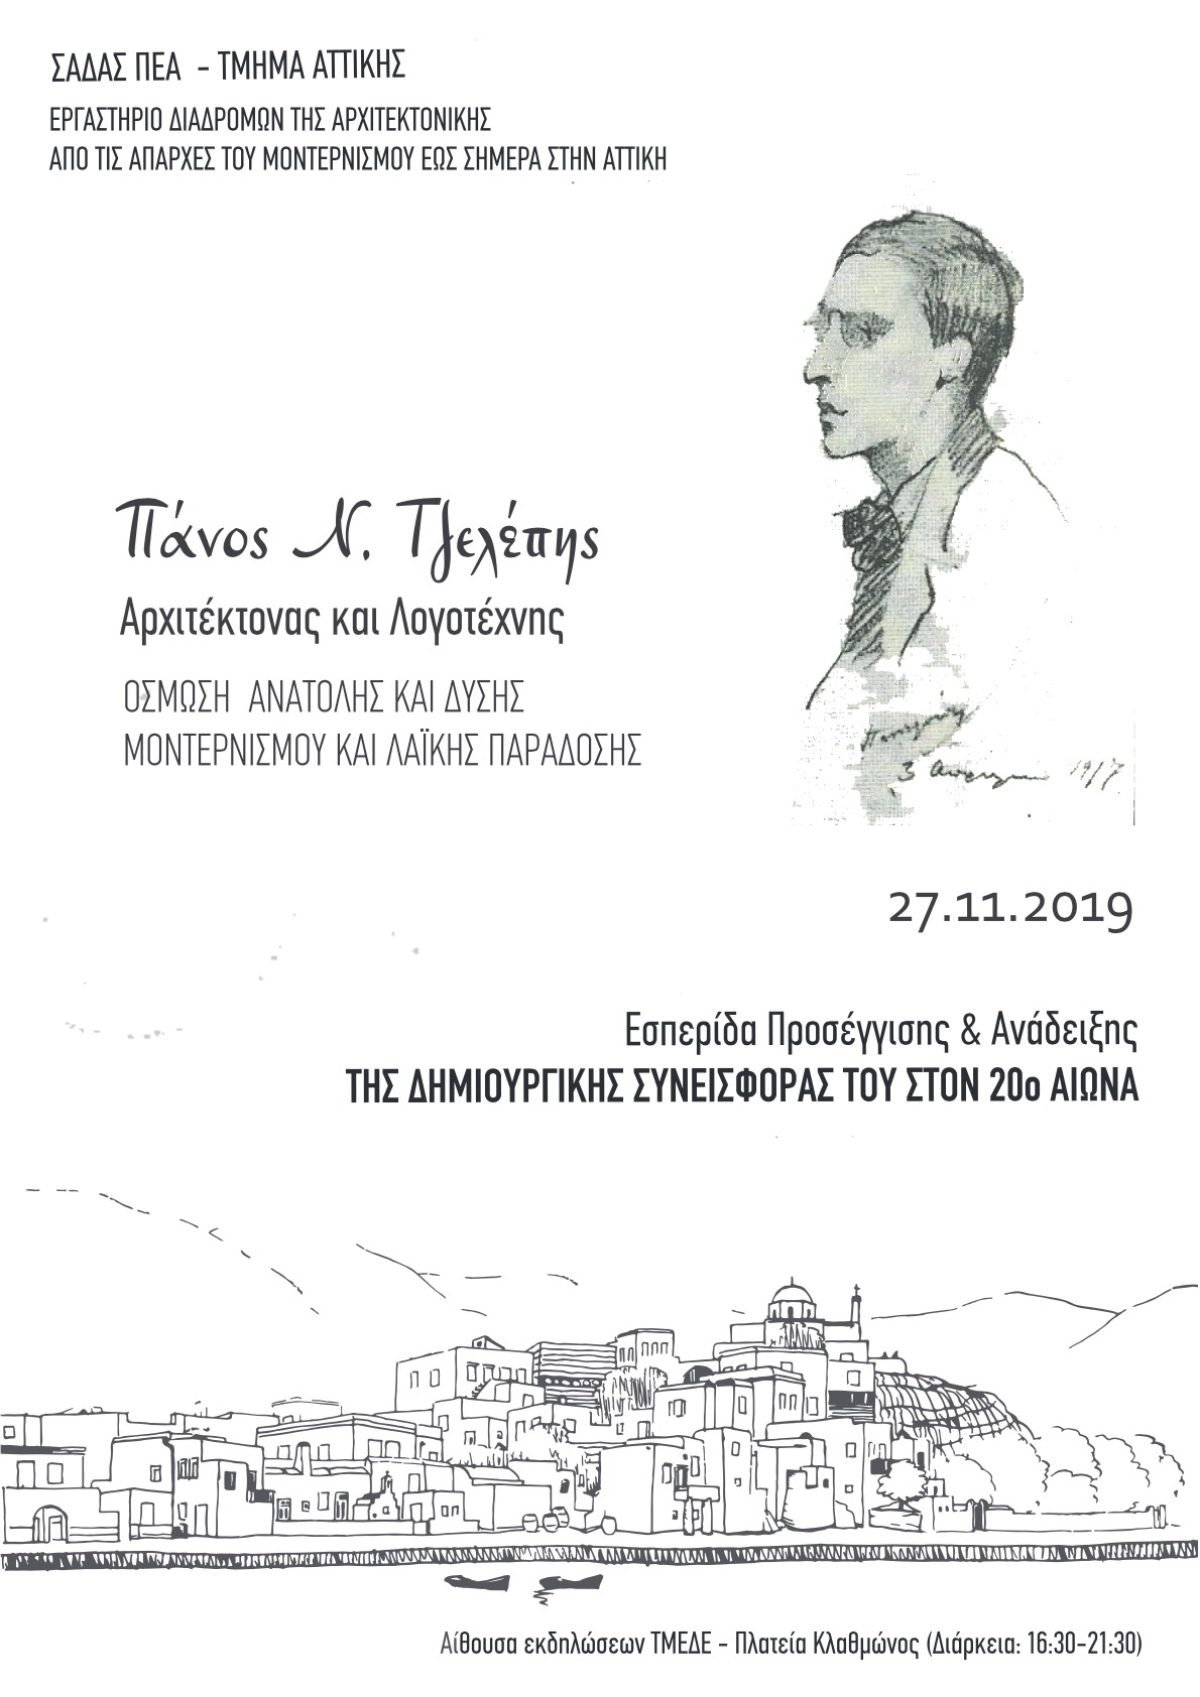 ΣΑΔΑΣ – Τμήμα Αττικής : Εκδήλωση «Πάνος Ν. Τζελέπης – Αρχιτέκτονας και Λογοτέχνης», αίθουσα εκδηλώσεων ΤΜΕΔΕ, 27.11.2019